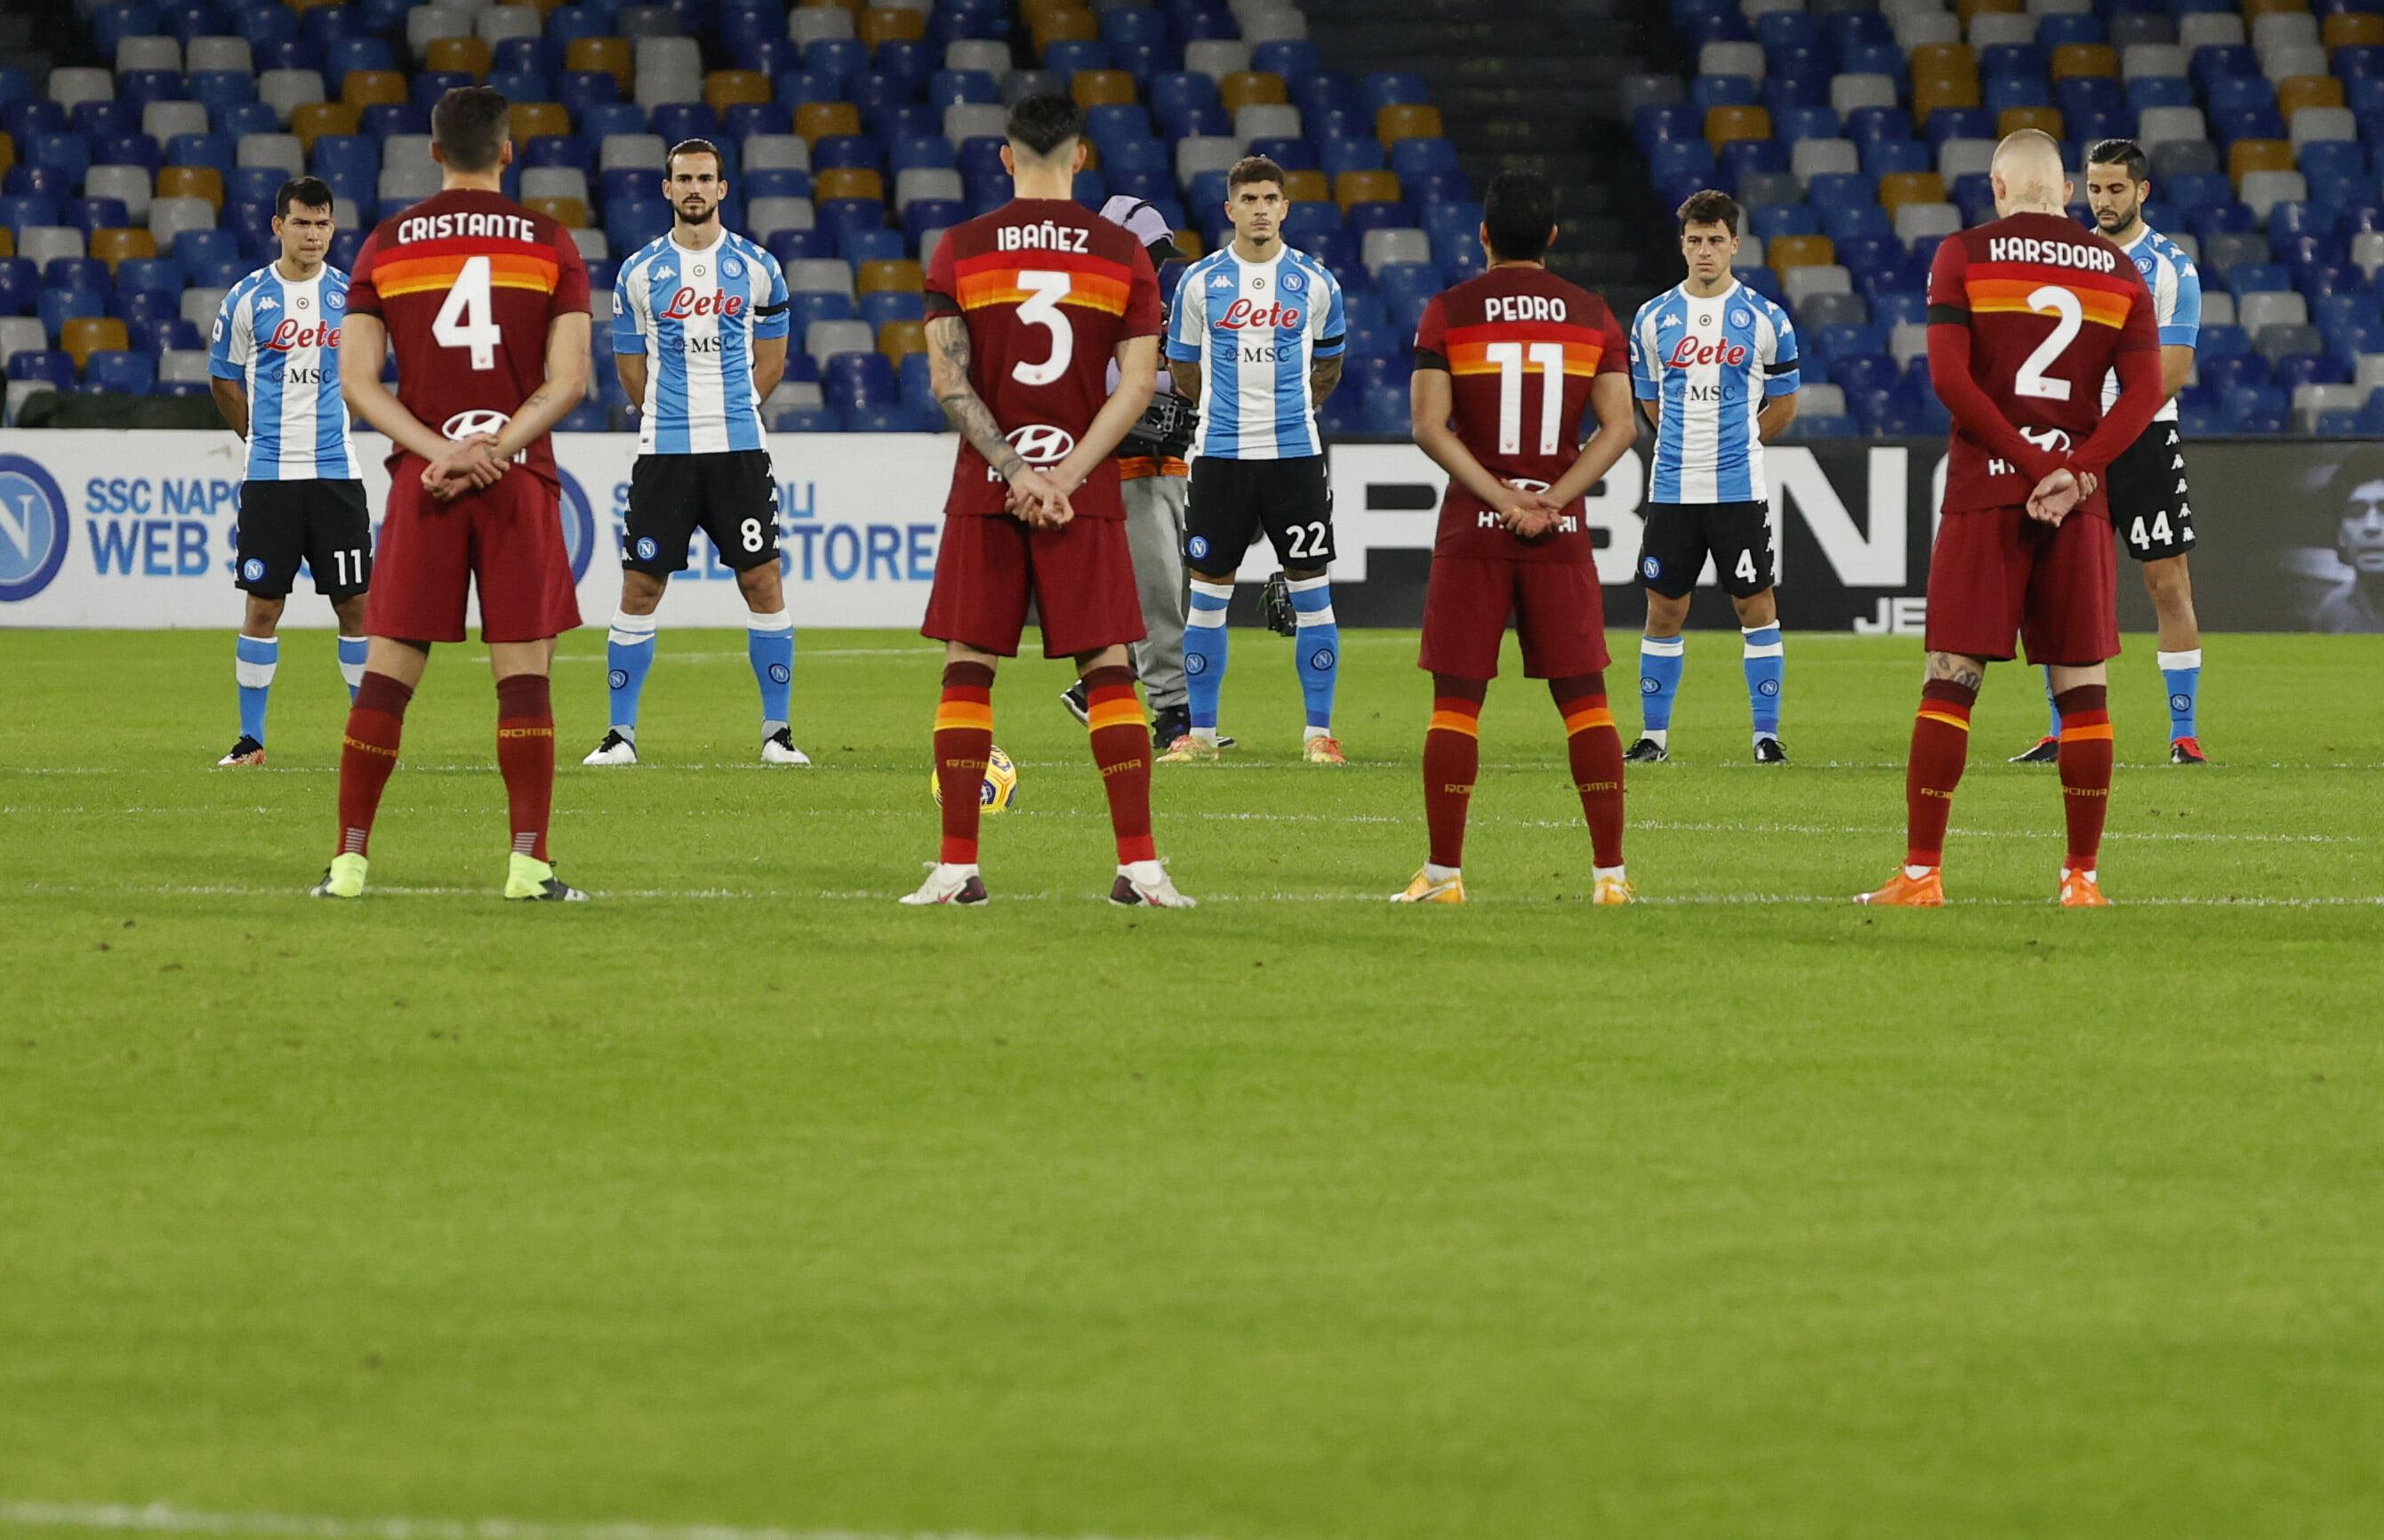 «Наполи» вышел в форме в стиле сборной Аргентины в честь Марадоны на матч с «Ромой»